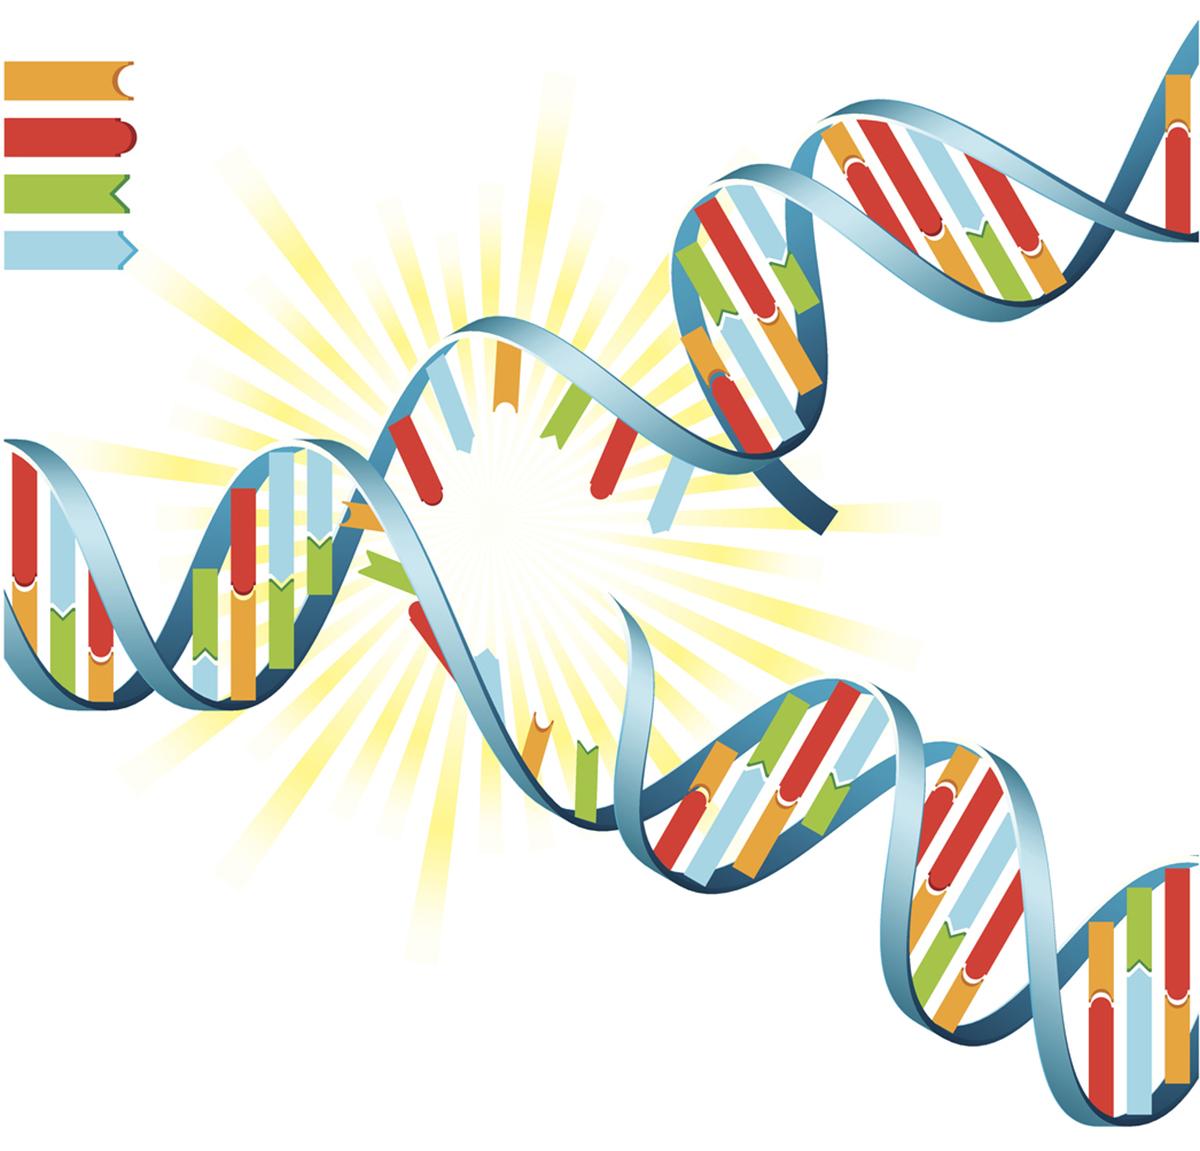 DNA'nın ikili sarmal yapısının ayrılması